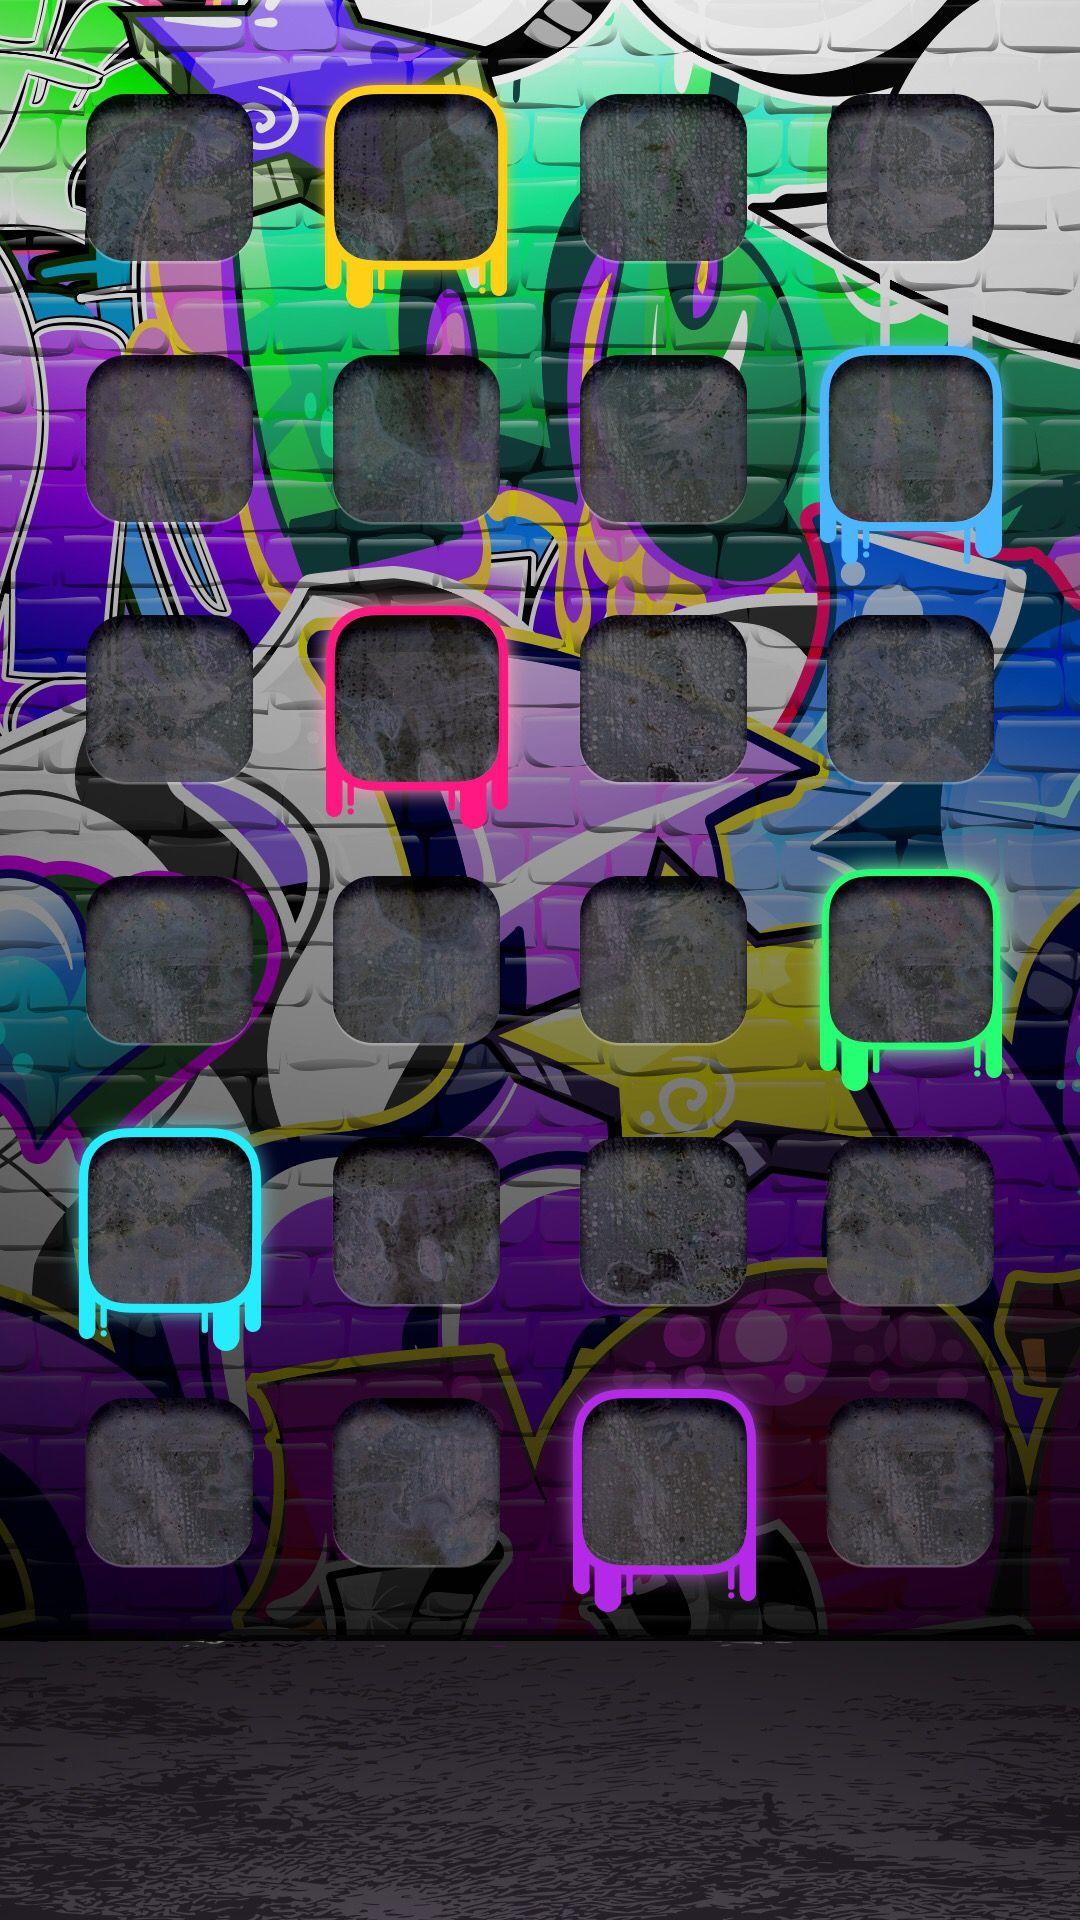 Graffiti iphone wallpaper